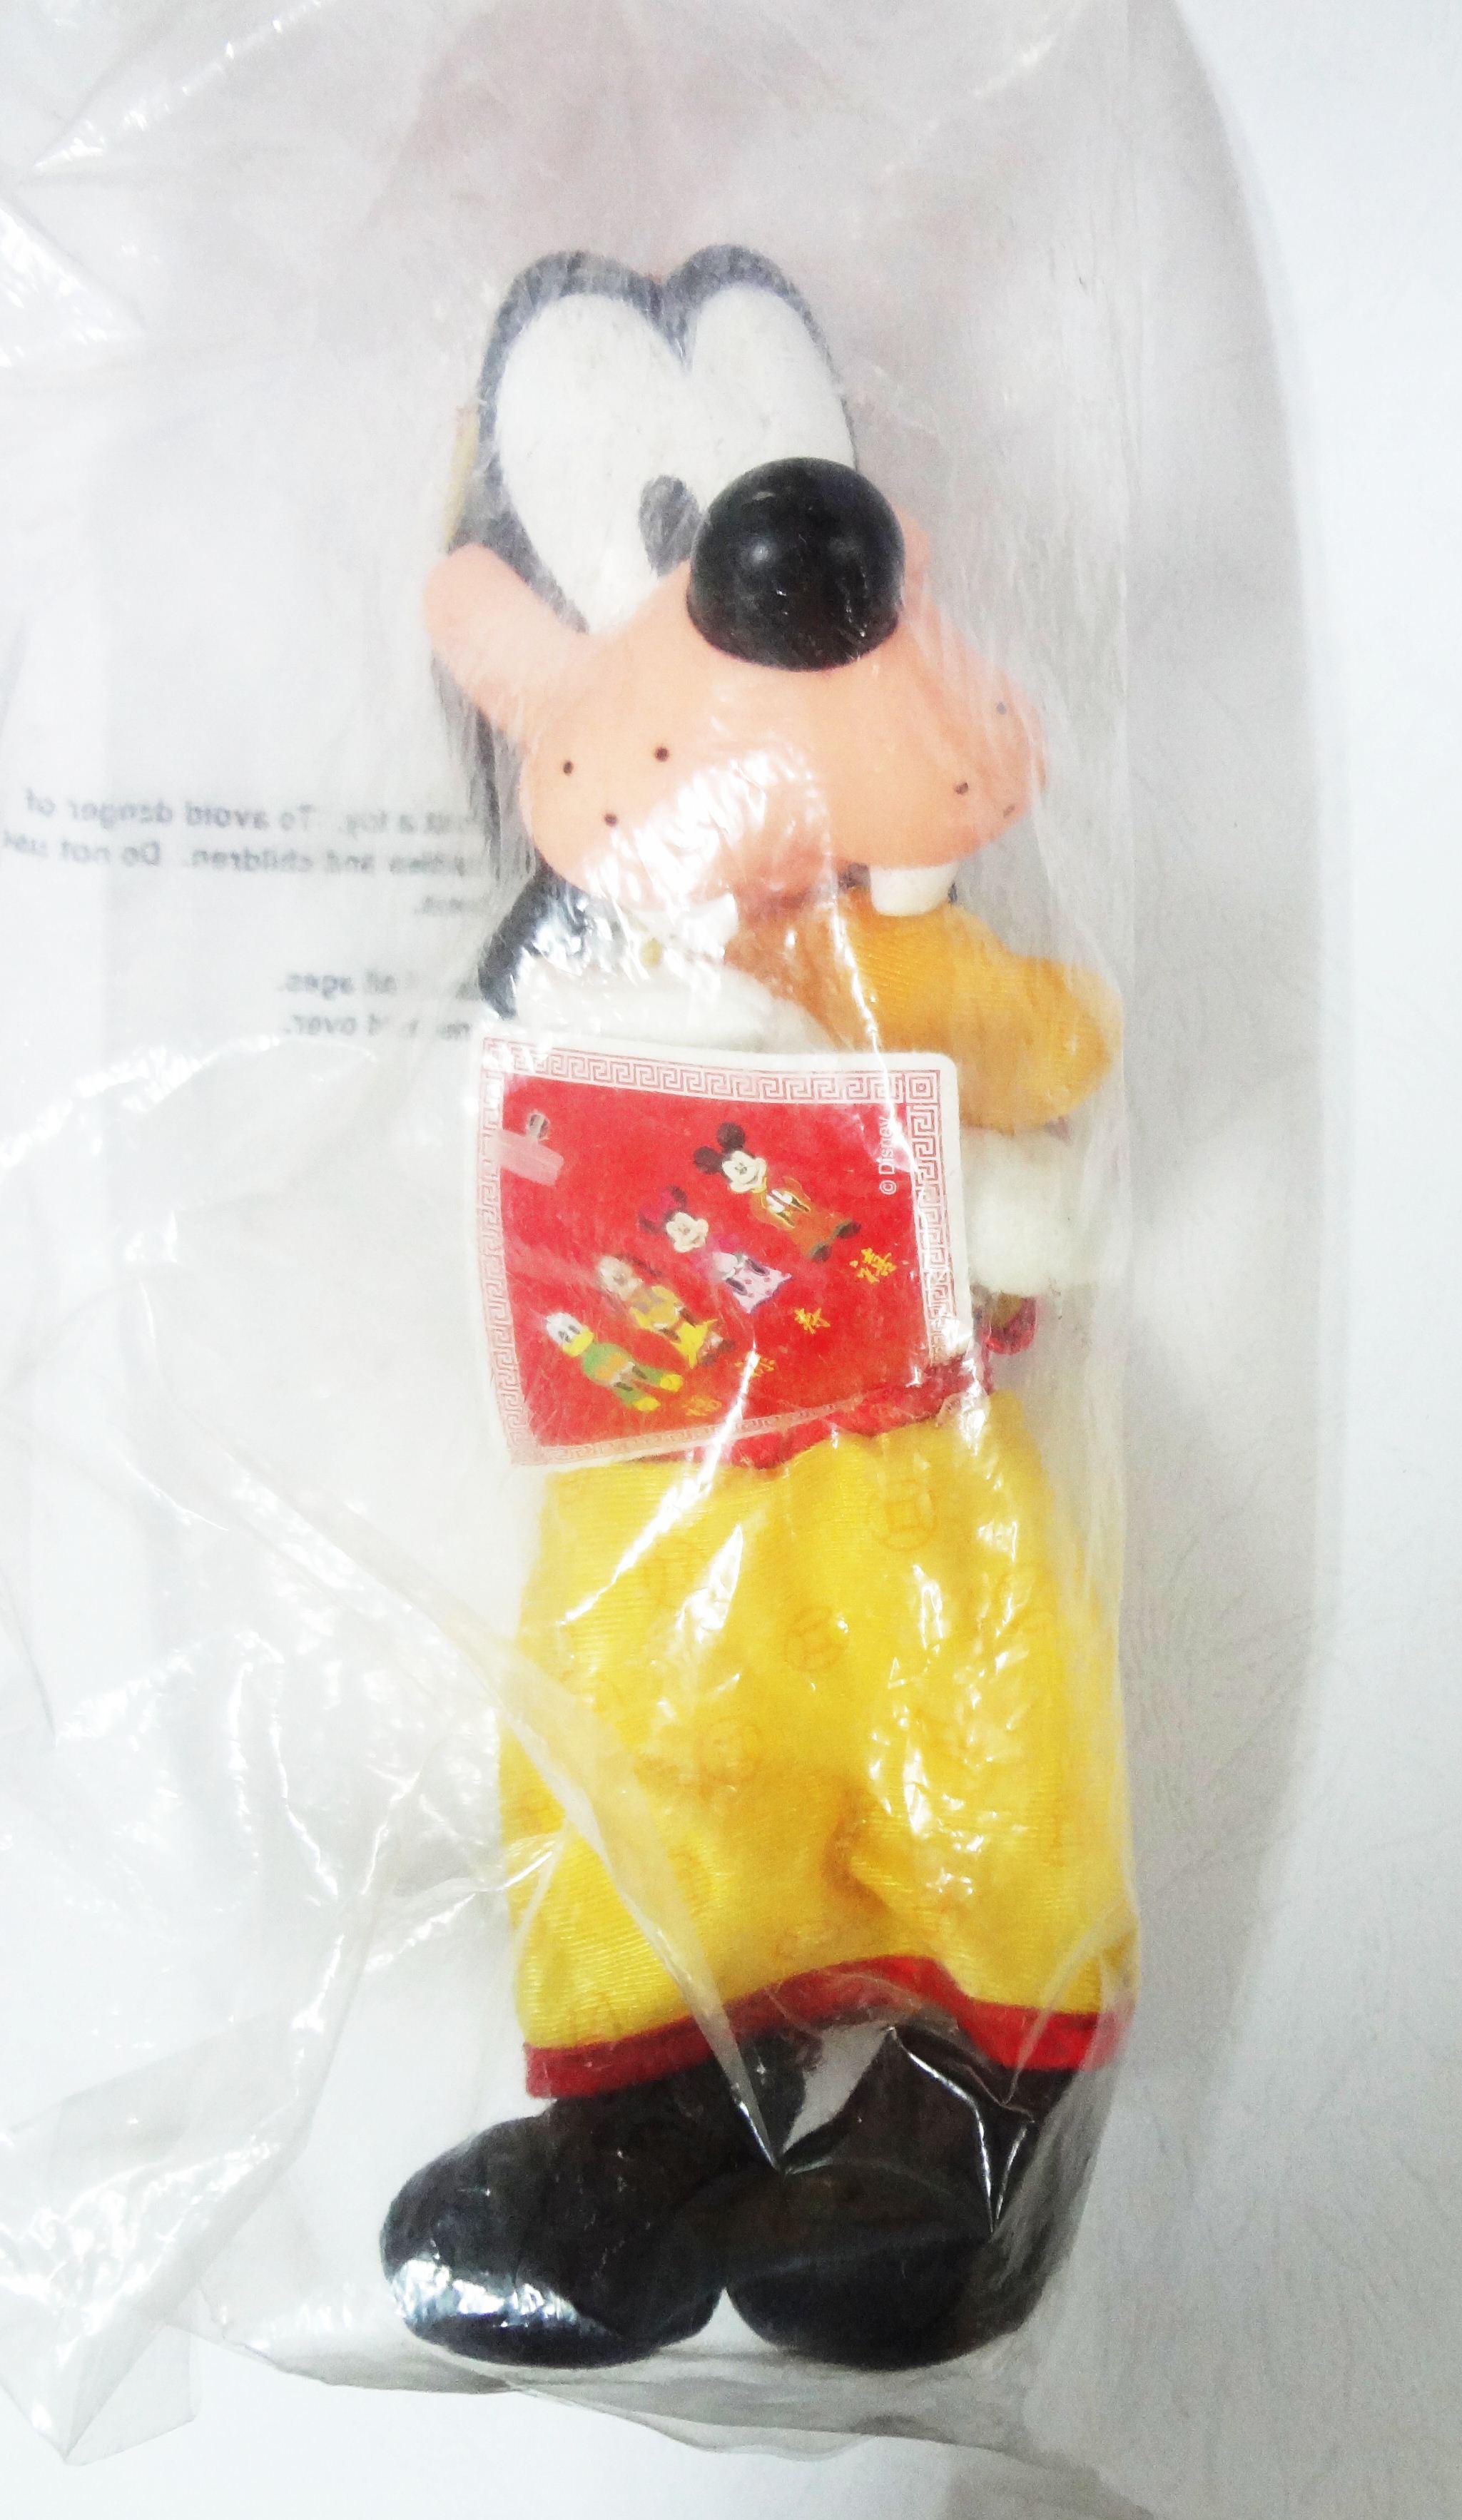 ตุ๊กตากูฟฟี่ ดิสนีย์ตรุษจีนของ McDonald